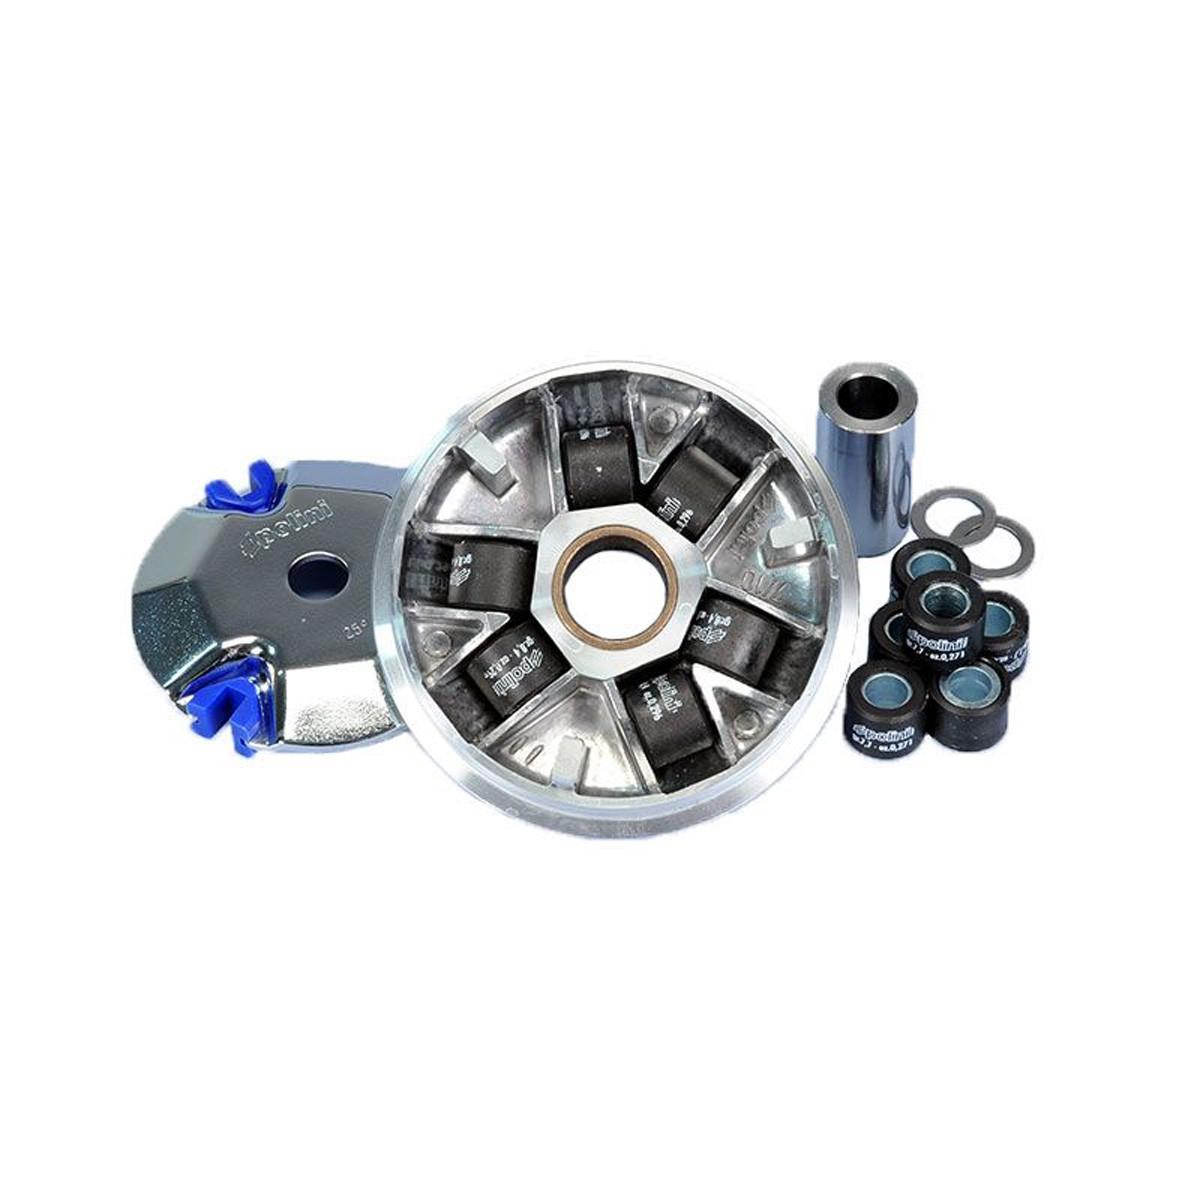 Variateur PEUGEOT Buxy, Speedfight, TKR - POLINI Speed Control